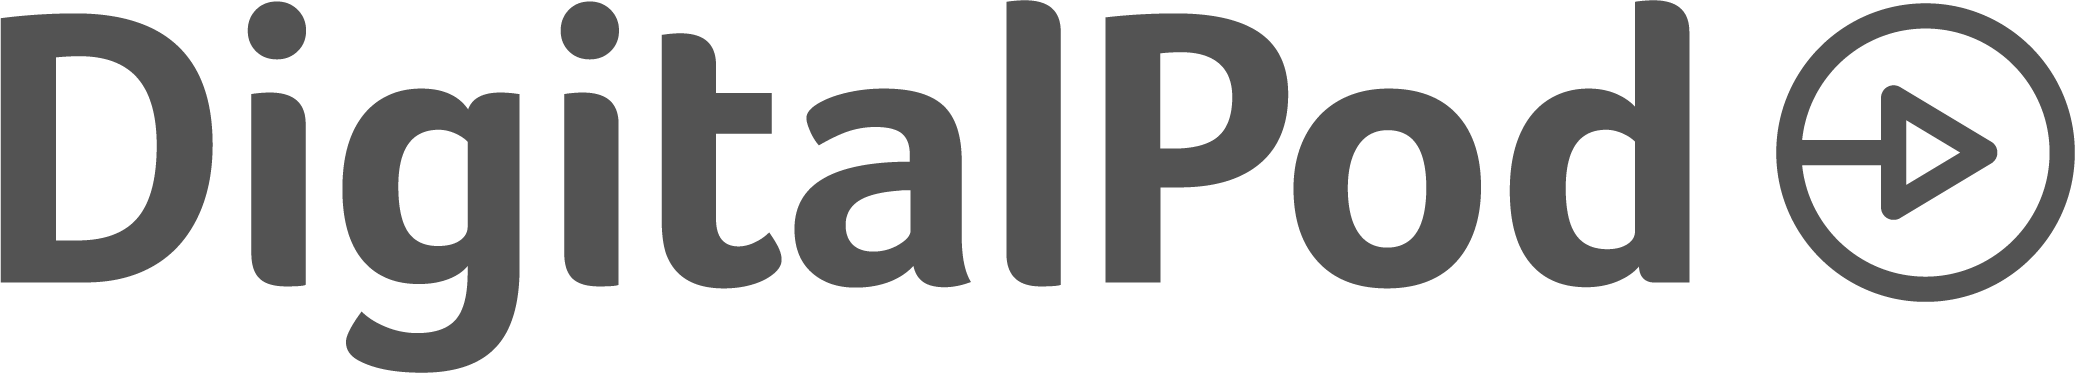 DigitalPod logo